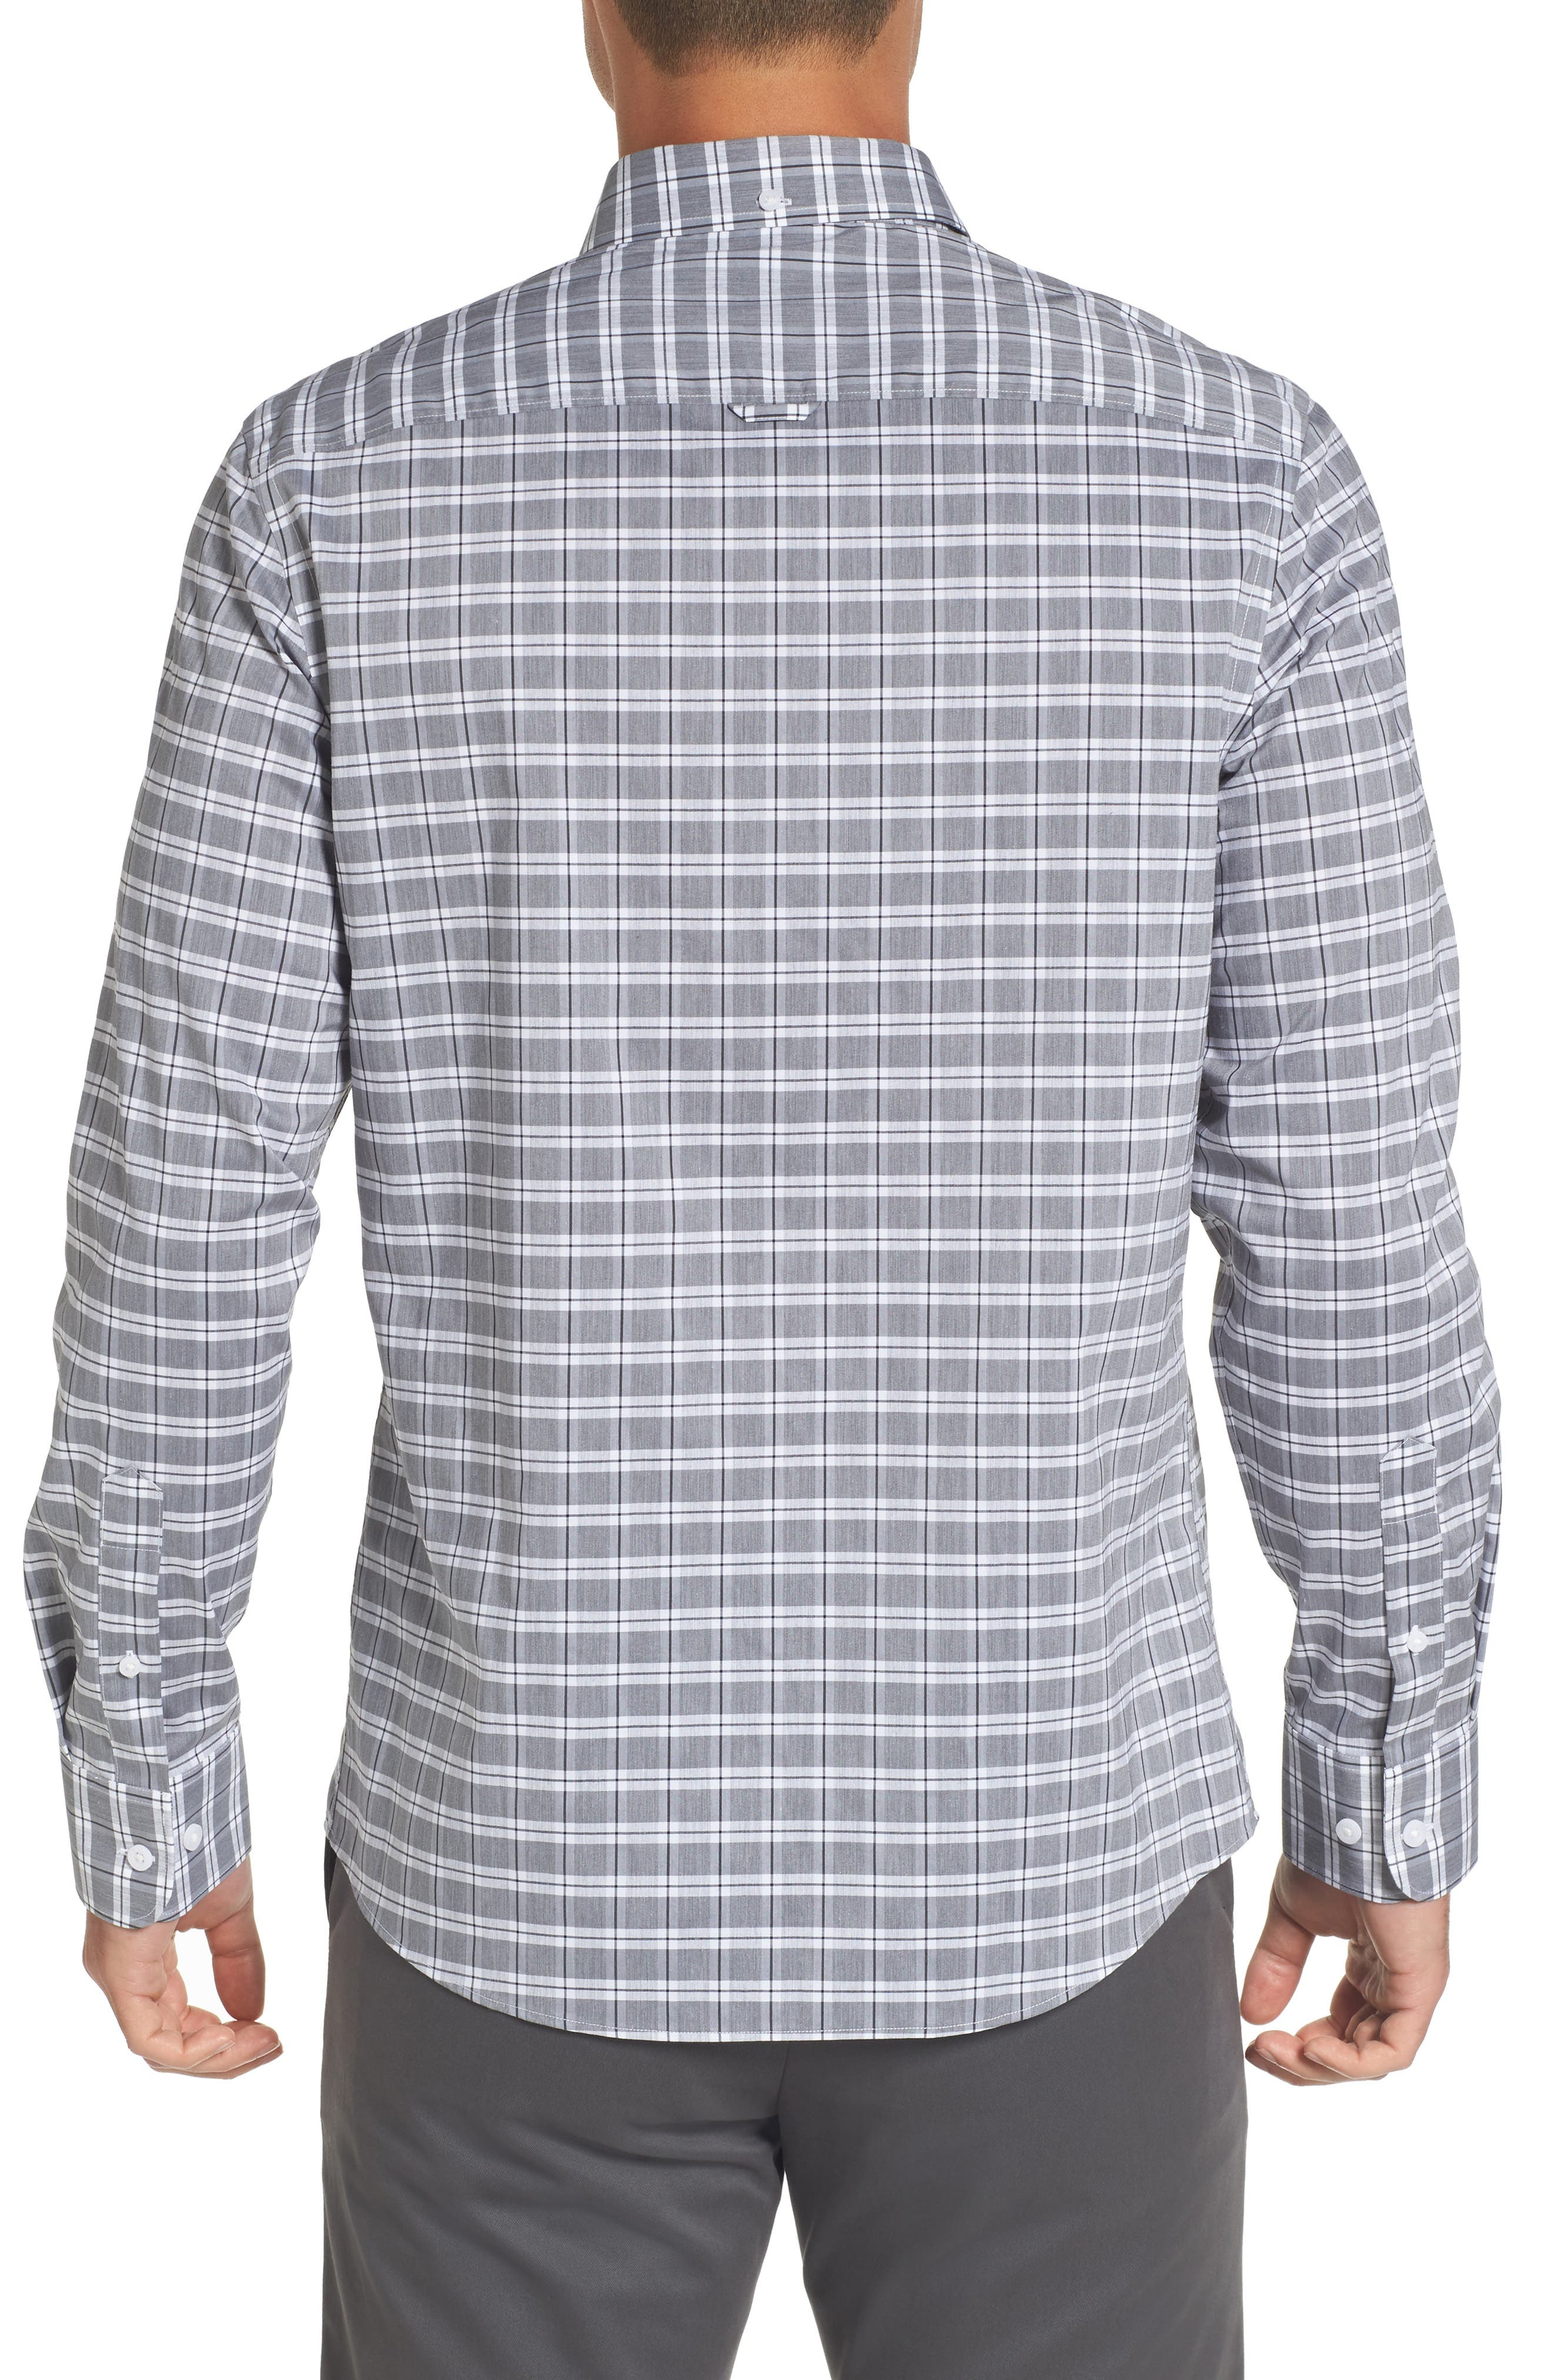 Trim Fit Tech-Smart Heather Check Sport Shirt,                             Alternate thumbnail 2, color,                             030